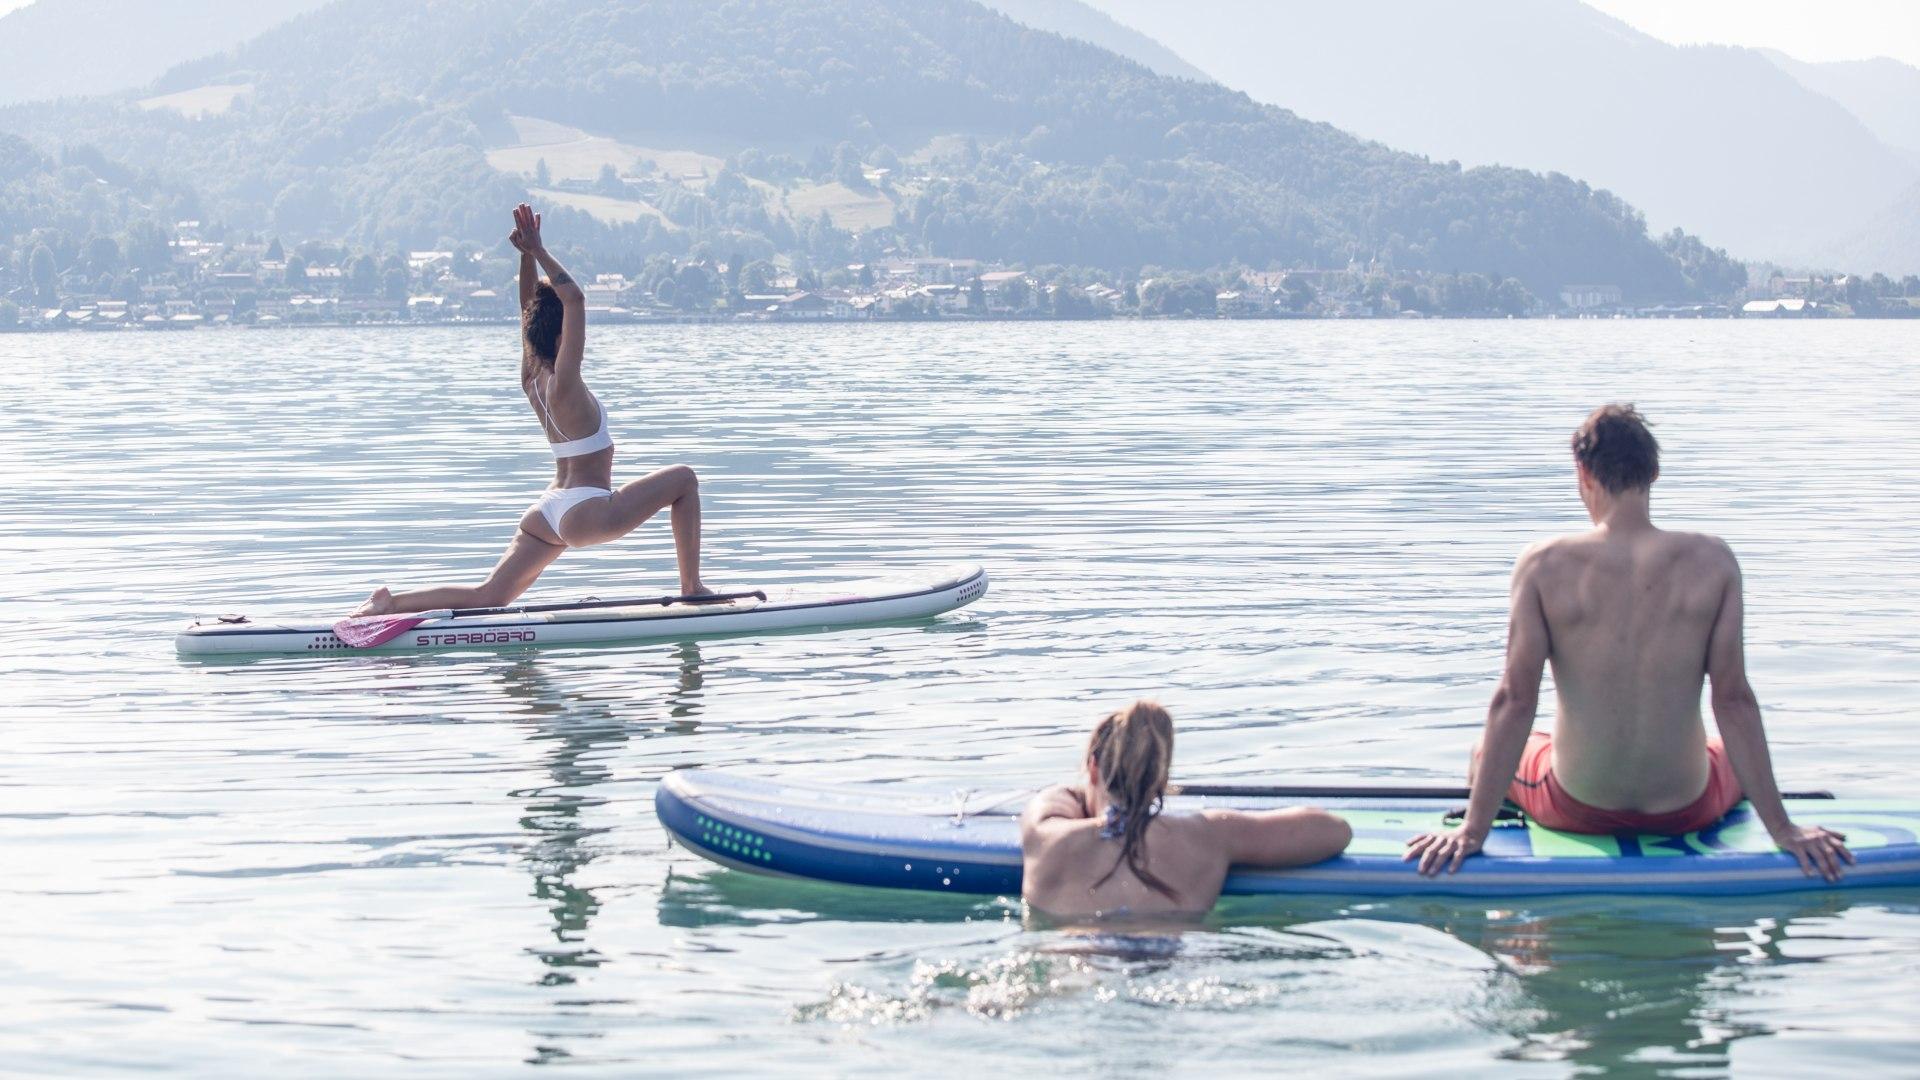 Yogaübungen auf dem SUP auf dem Tegernsee in der Urlaubsregion in den bayerischen Voralpen, © Hansi Heckmair